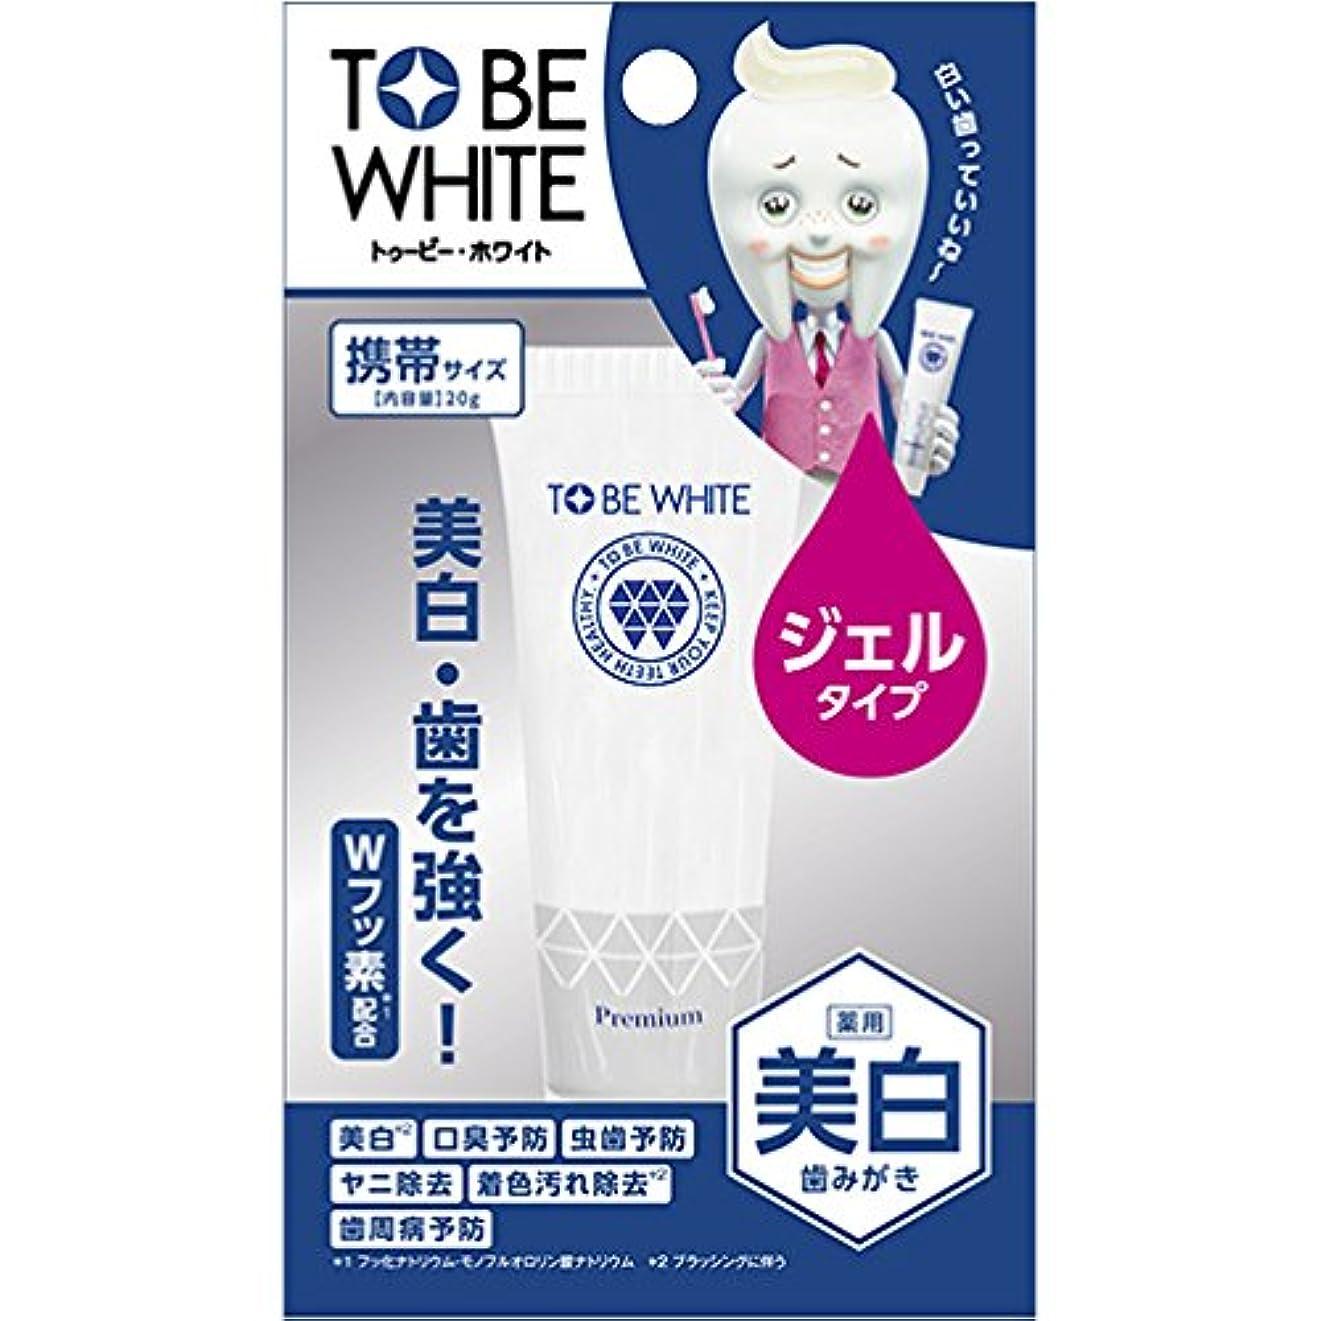 インフレーションバーターゴミ箱トゥービー?ホワイト 薬用 ホワイトニング ジェルハミガキ プレミアム ミニ 20g【医薬部外品】